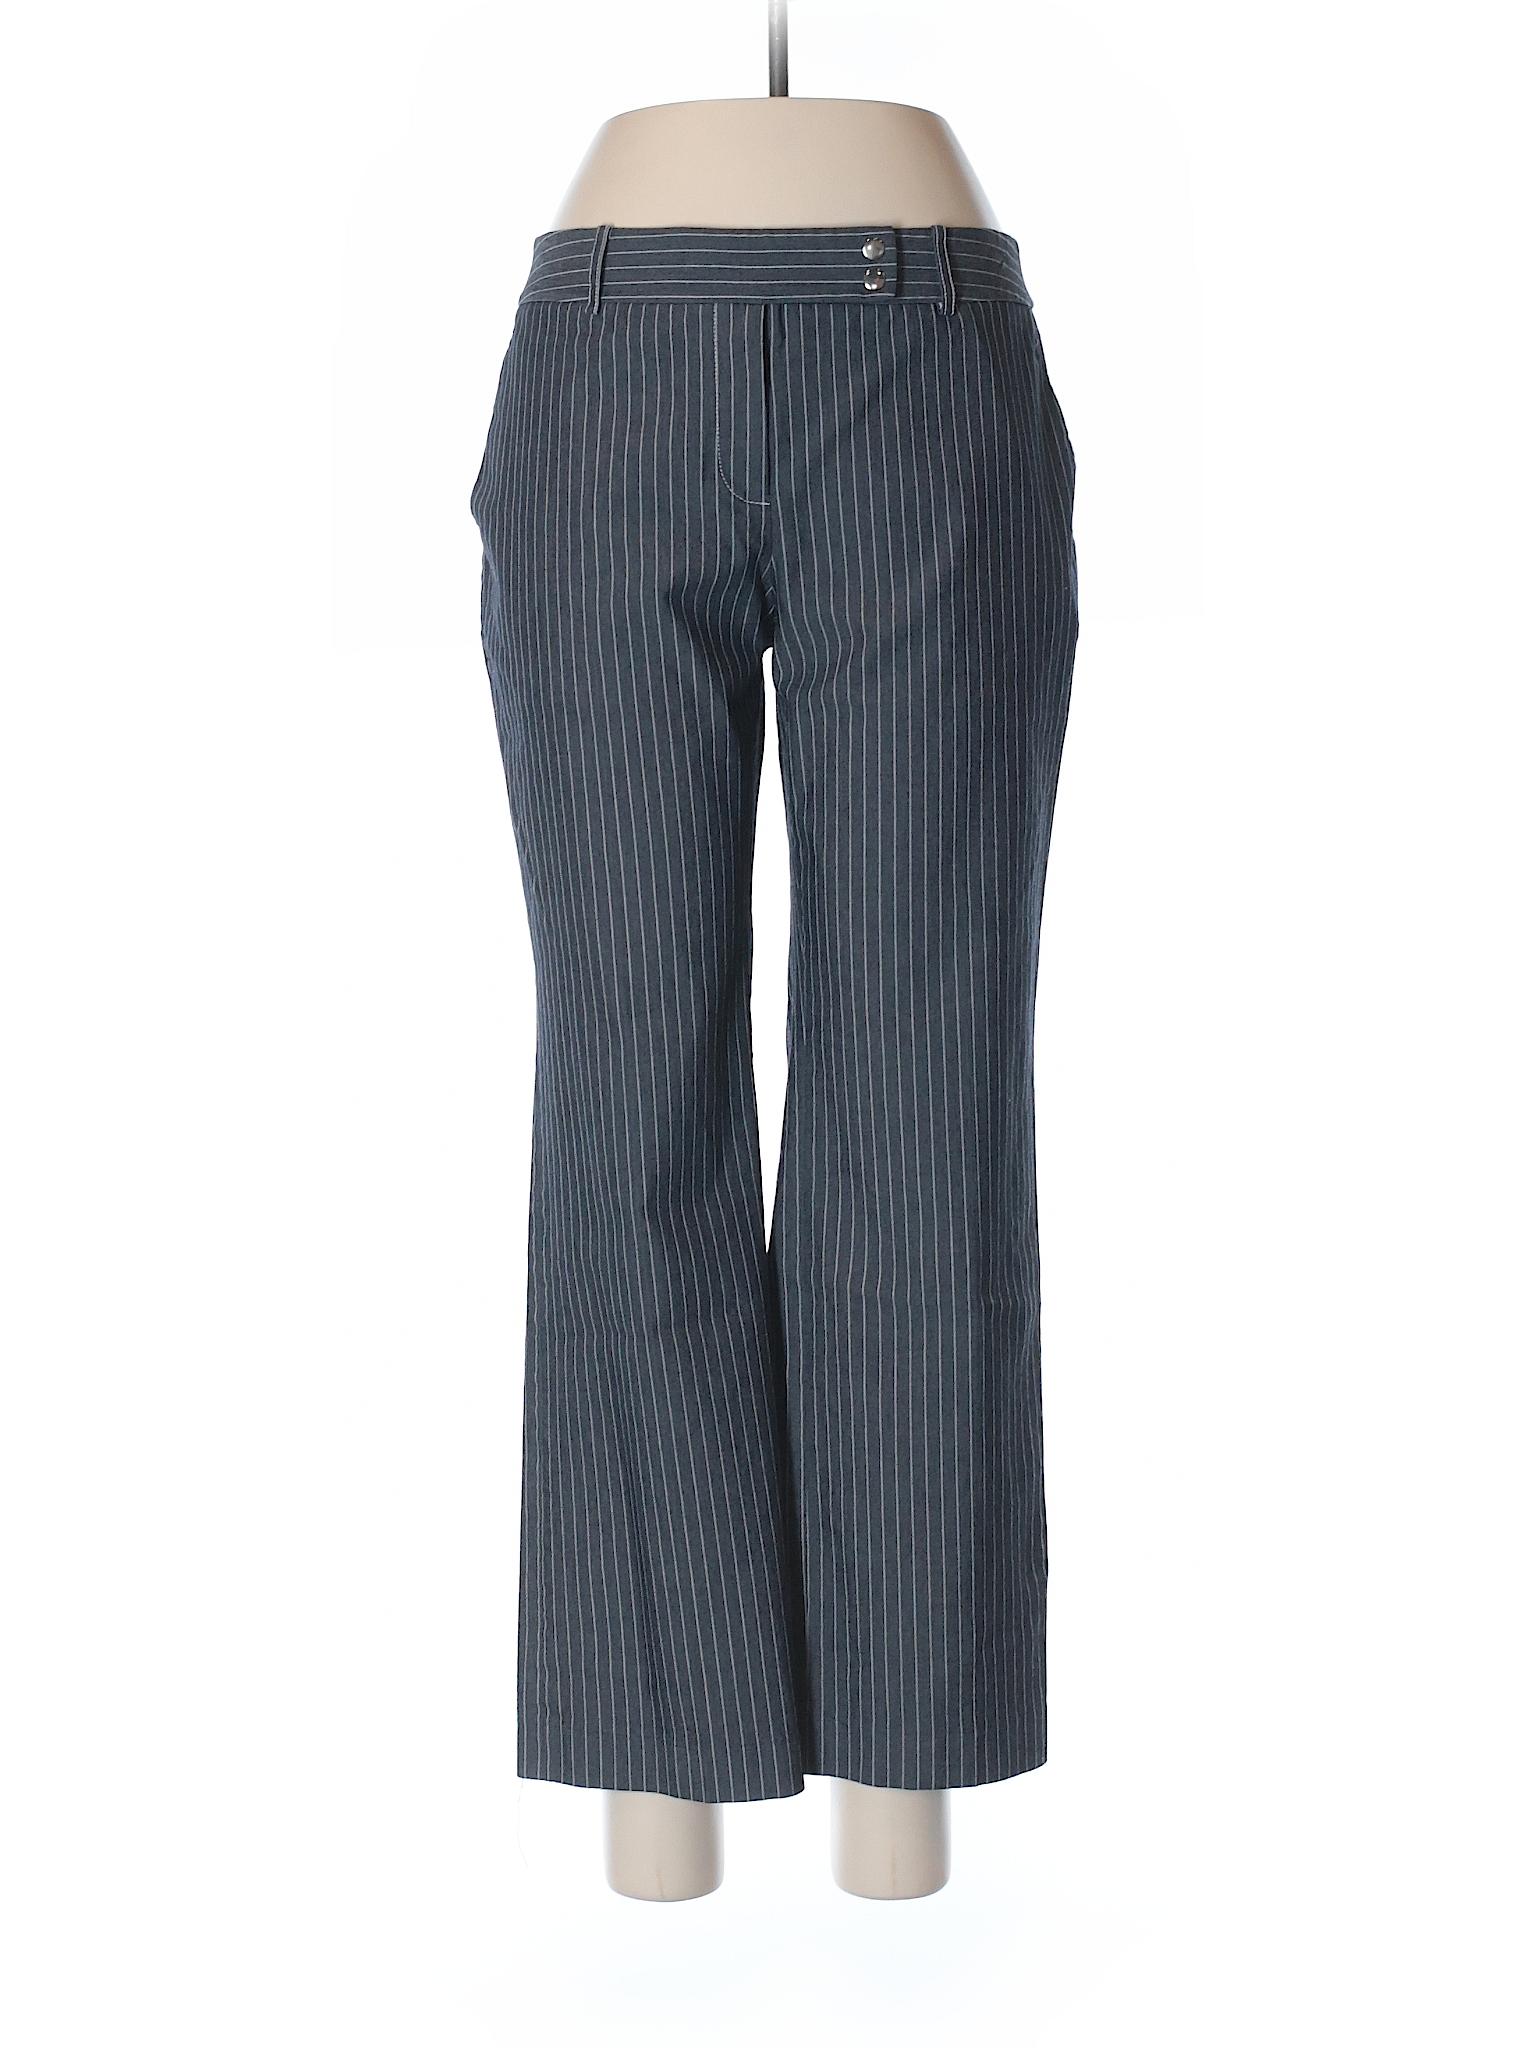 Pants Boutique Dress Lewis Grace Dane leisure wwq6OXCZ